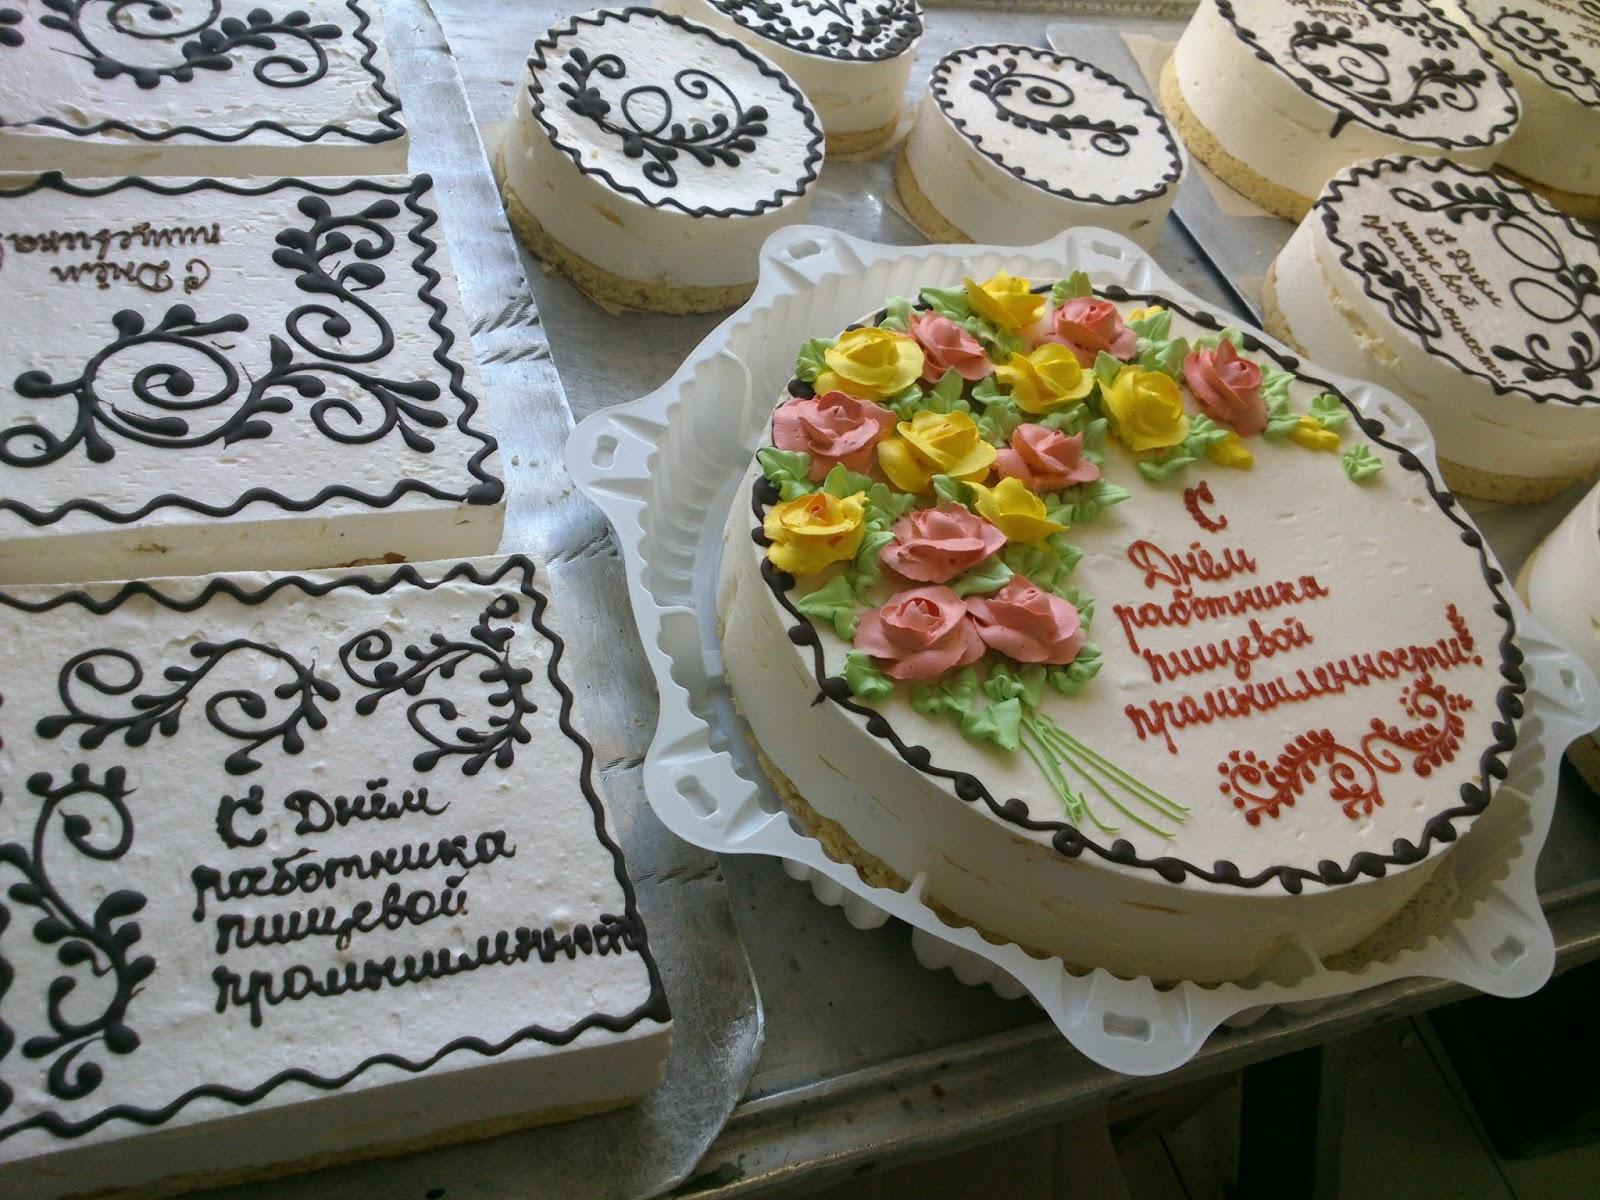 Поздравления в день работников пищевой промышленности 2018 30